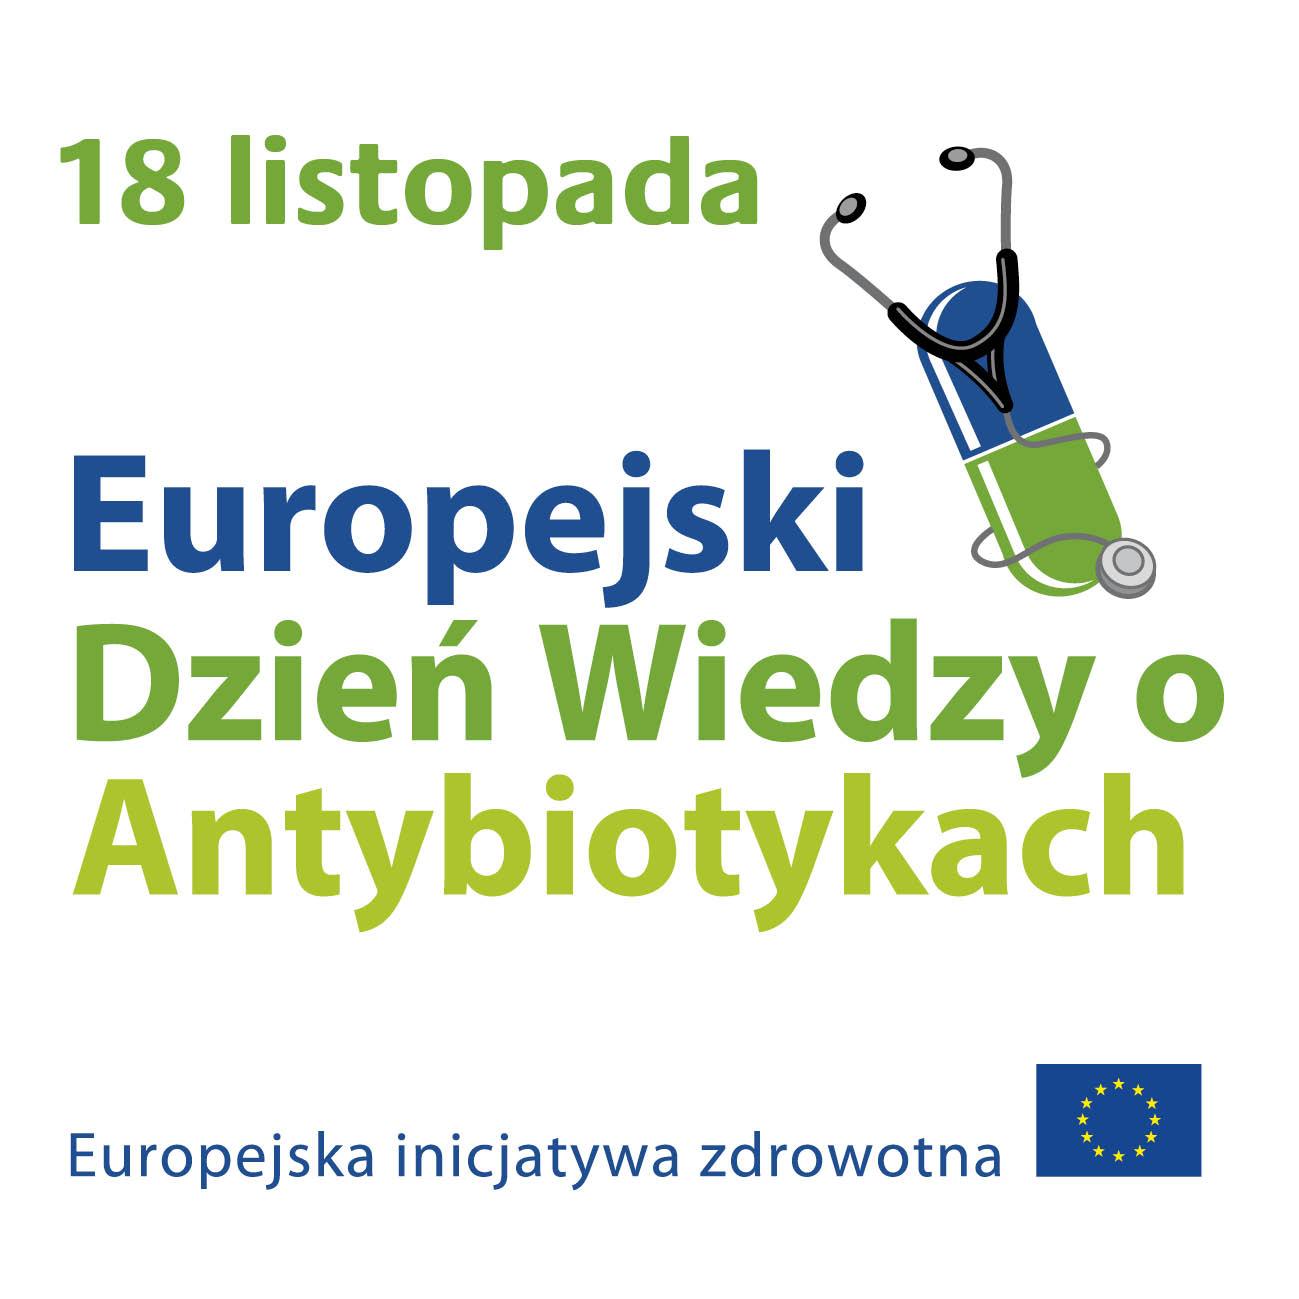 Europejski Dzień Wiedzy o Antybiotykach.